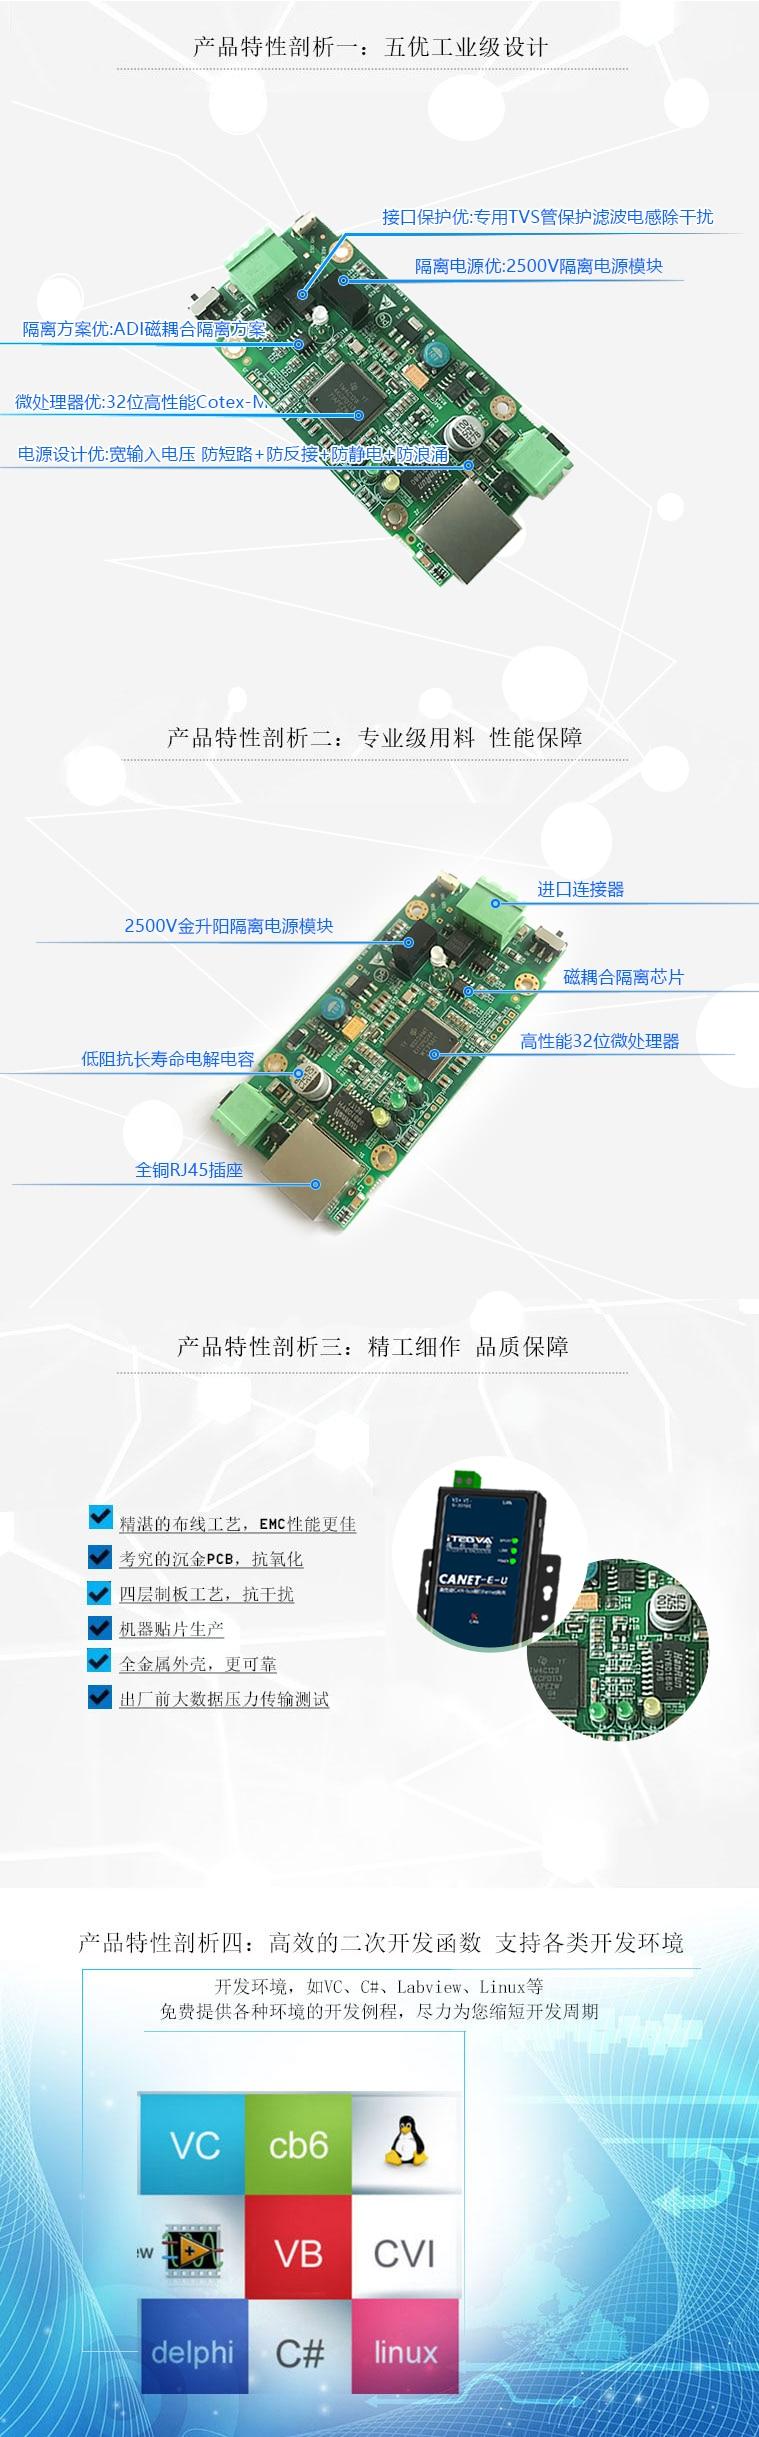 CANET-E-U CANbus para Rede Ethernet